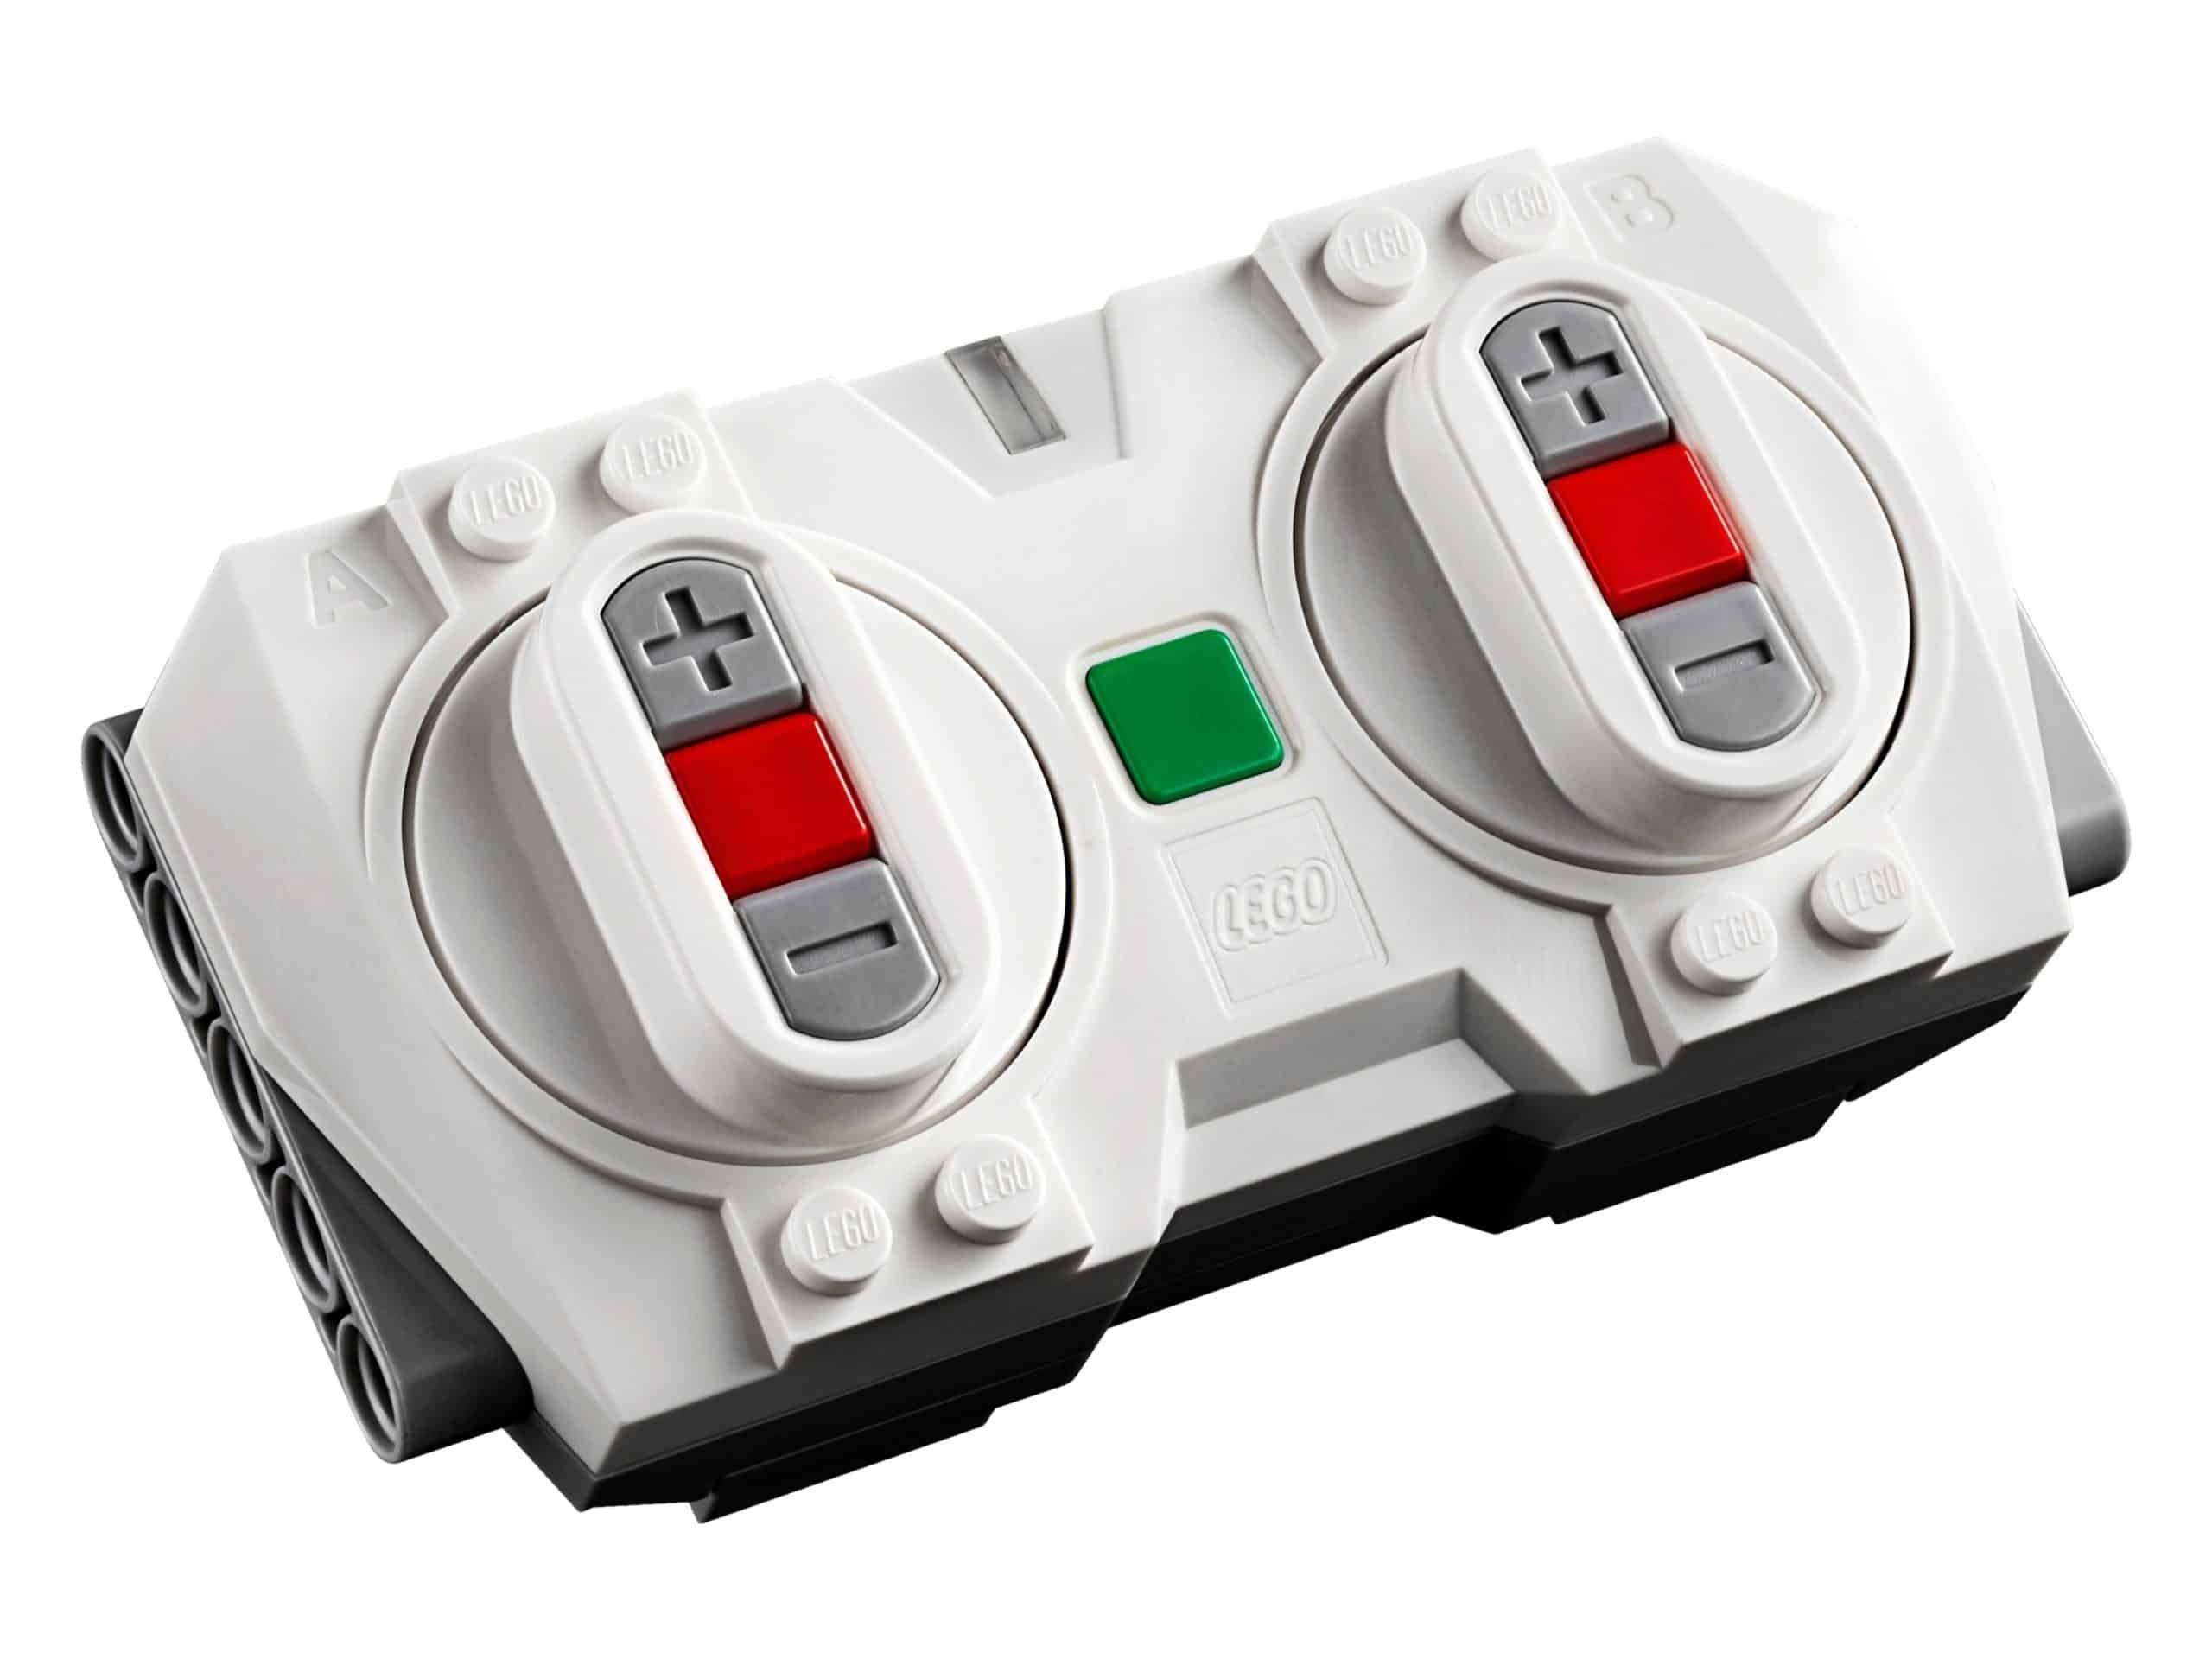 lego 88010 fjernbetjening scaled